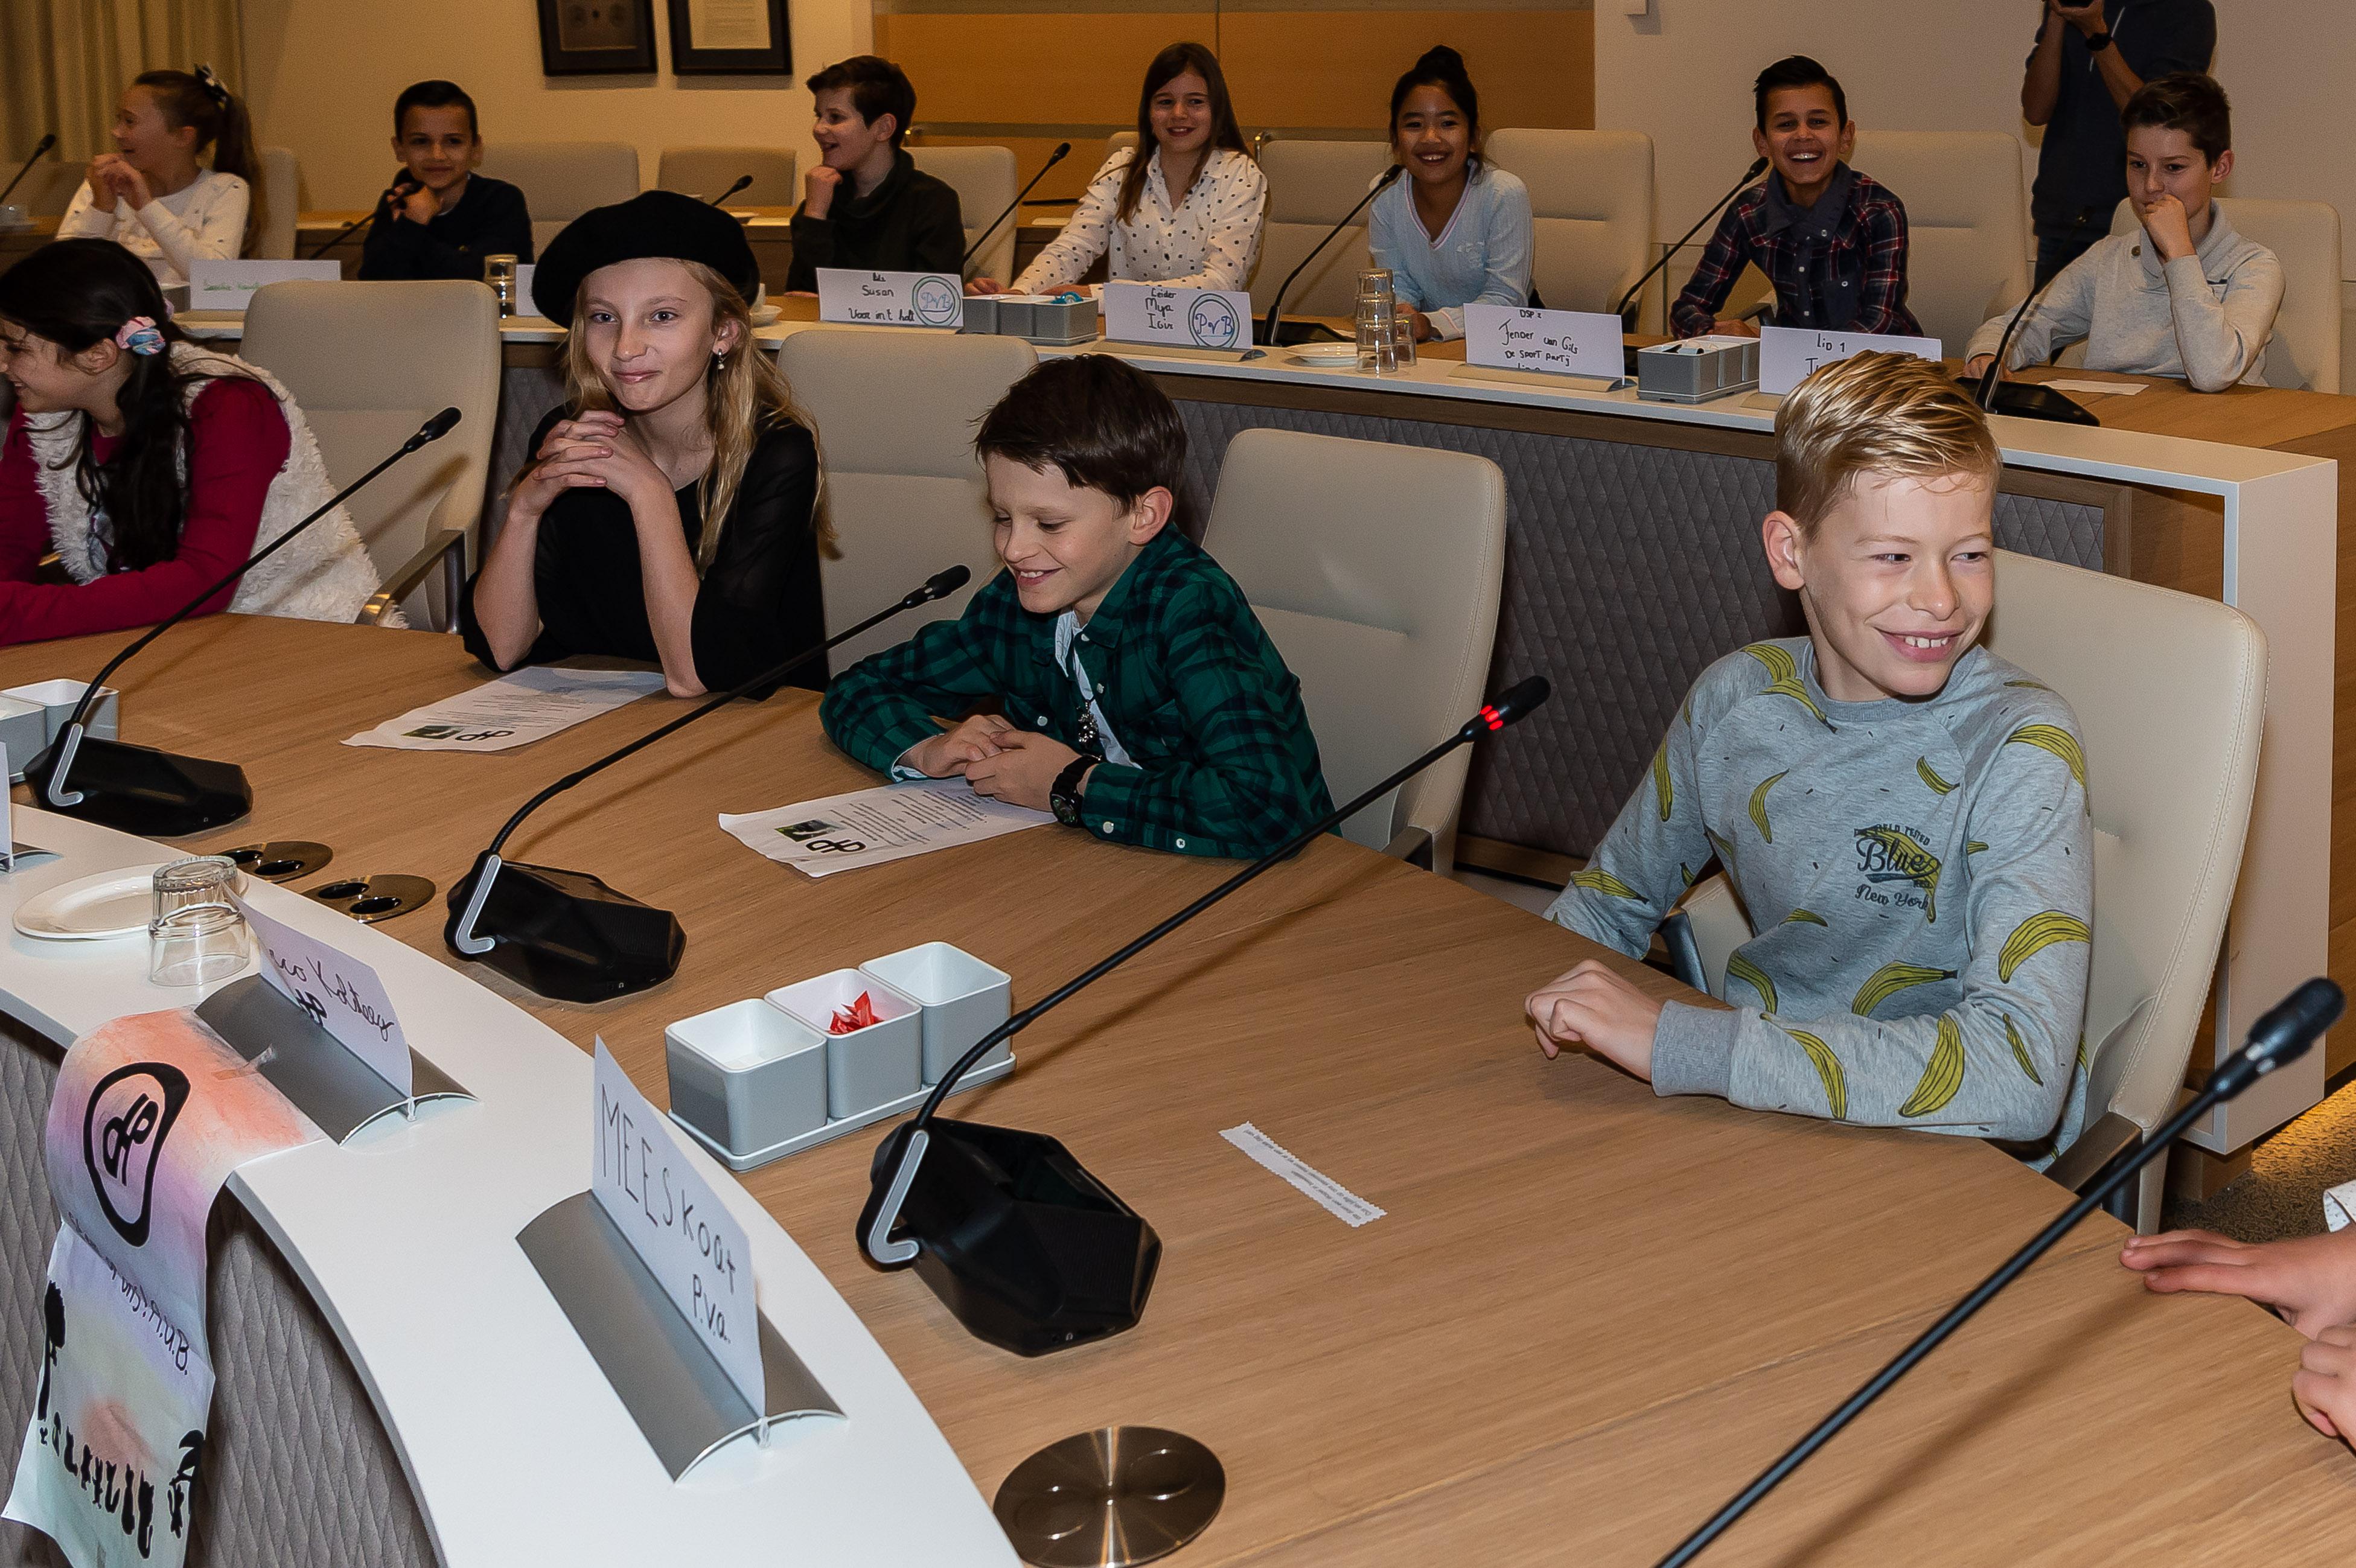 De leerlingen namen met genoegen plaats achter de microfoon. (Foto: Han Giskes)